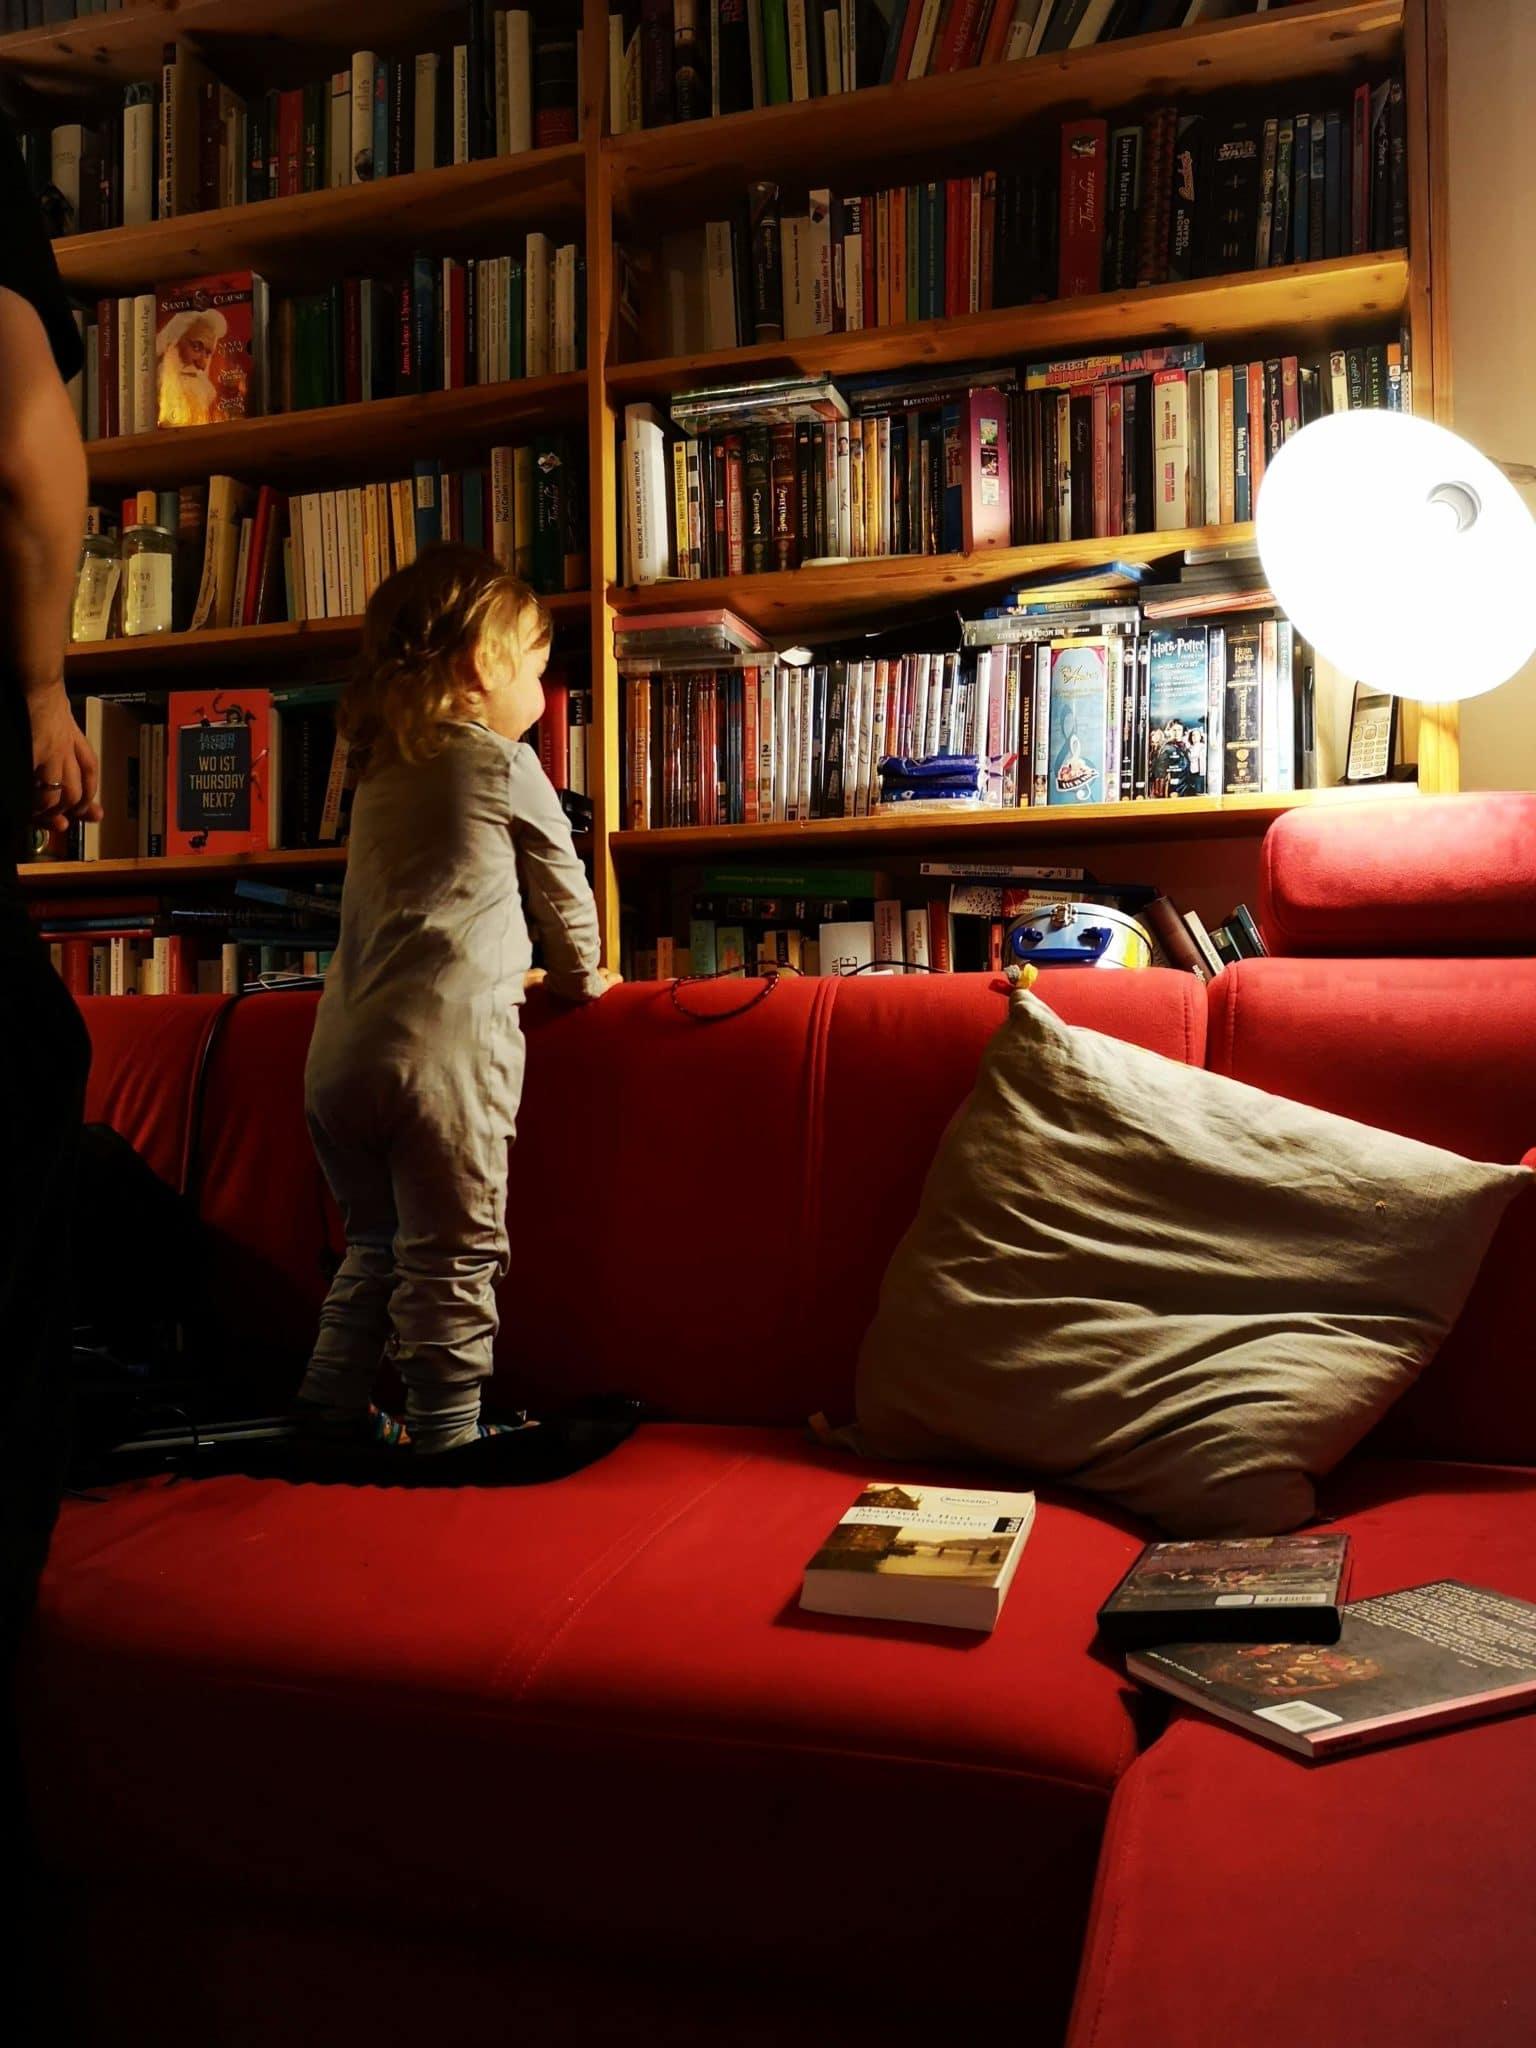 Wochenende in Bildern - Mamablog, Papablog